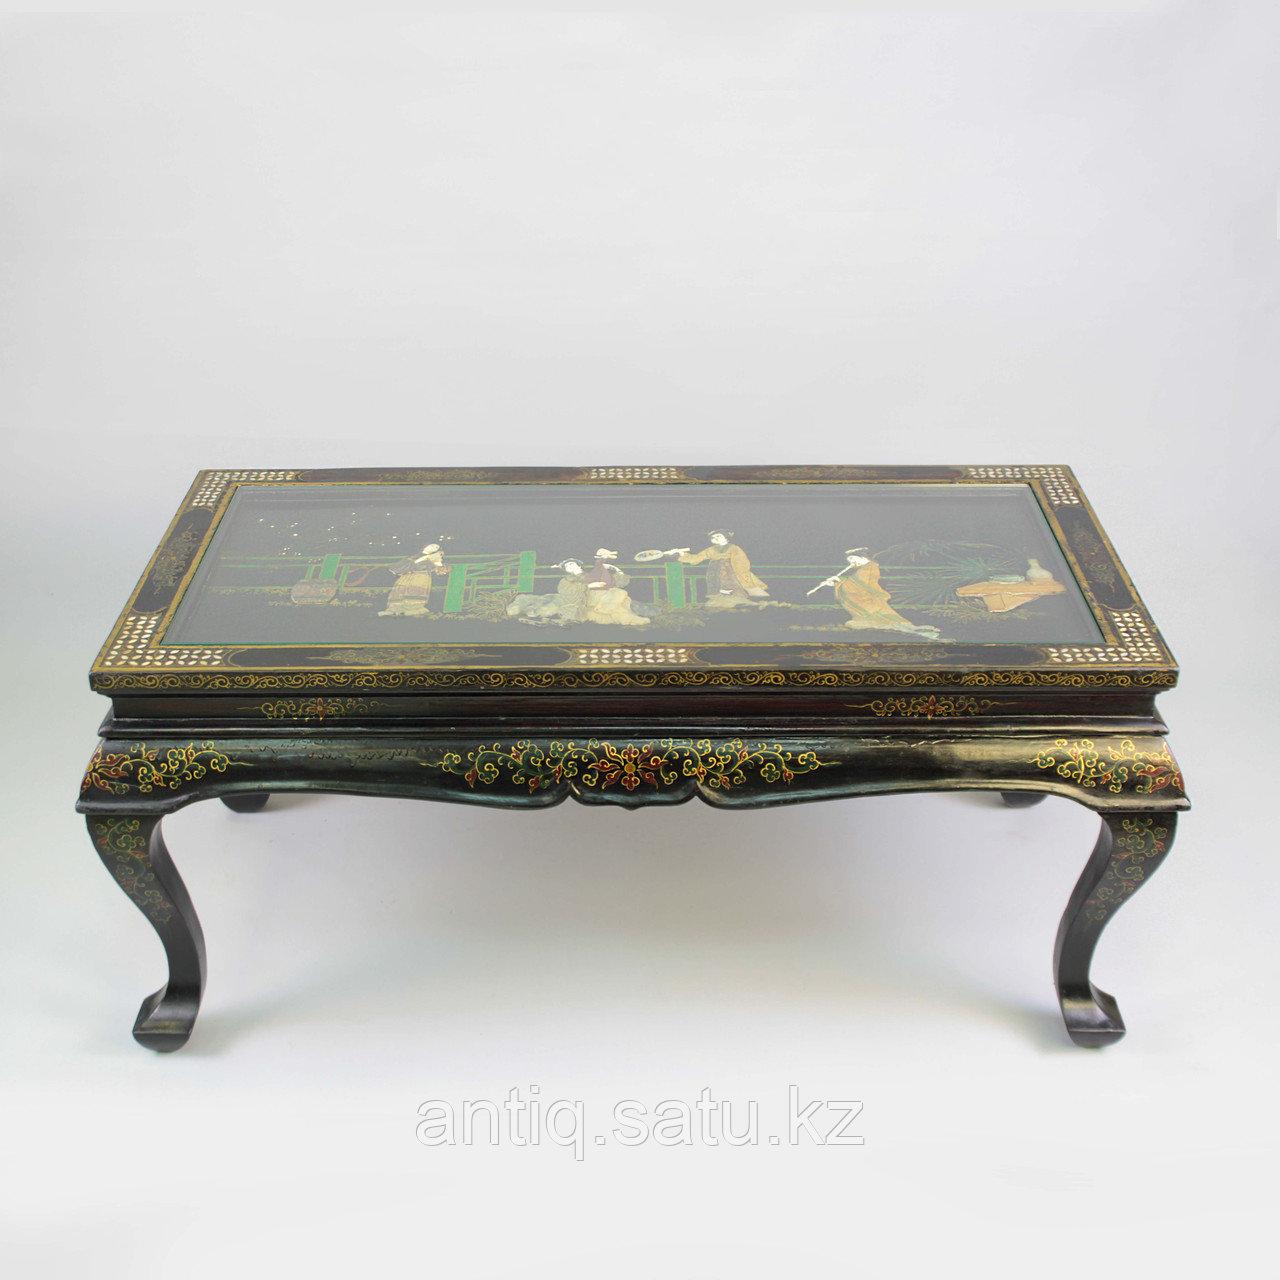 Китайский столик в классическом стиле - фото 8